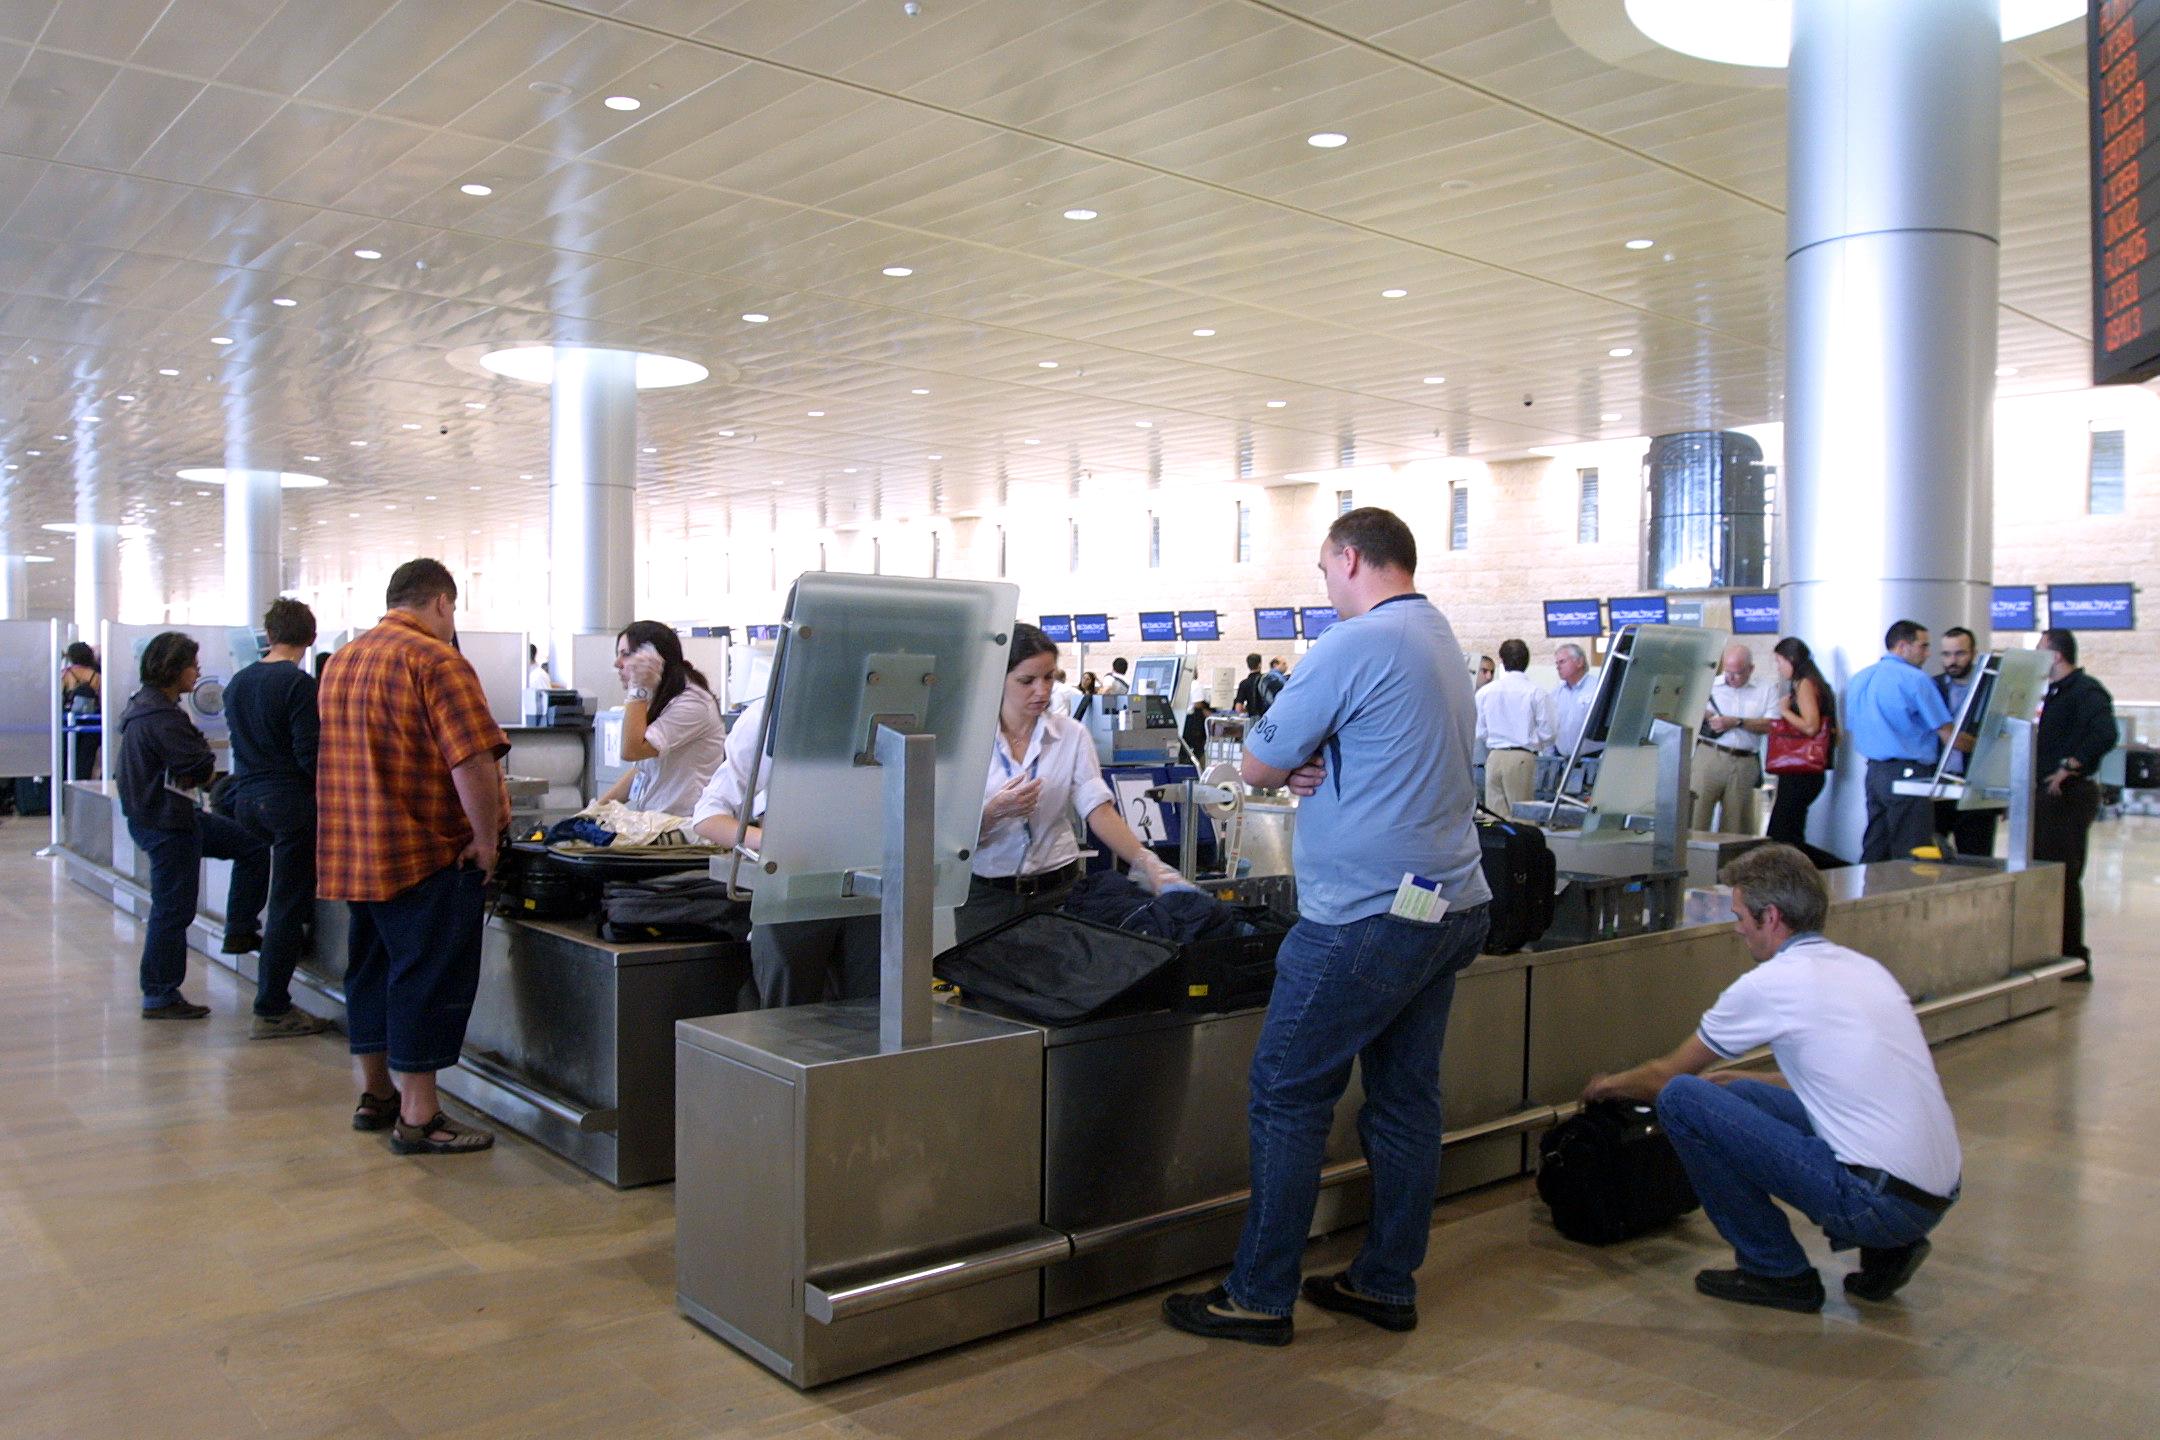 נתב''ג - טרמינל 3 - בידוק ביטחוני ושיקוף מזוודות / צילום: עינת לברון